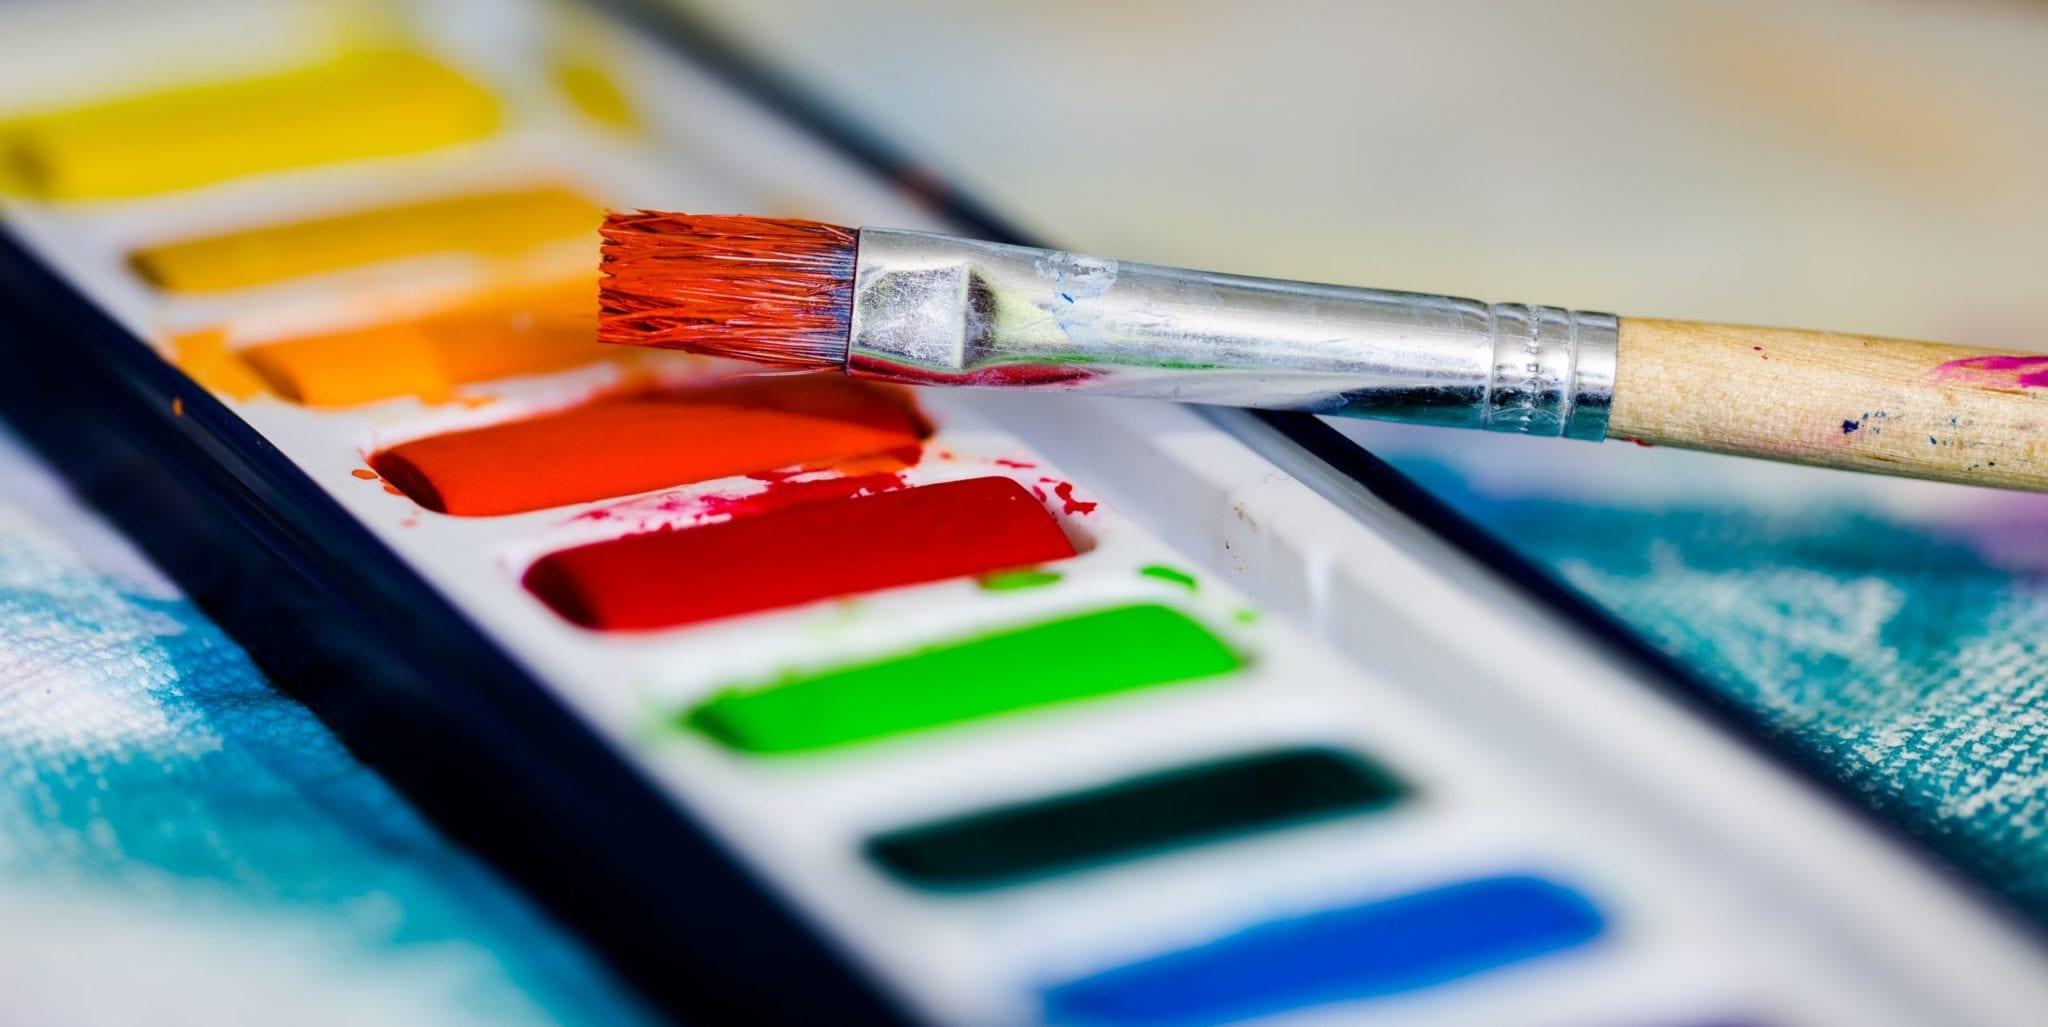 deGranero clases de dibujo y pintura de dos horas de duración